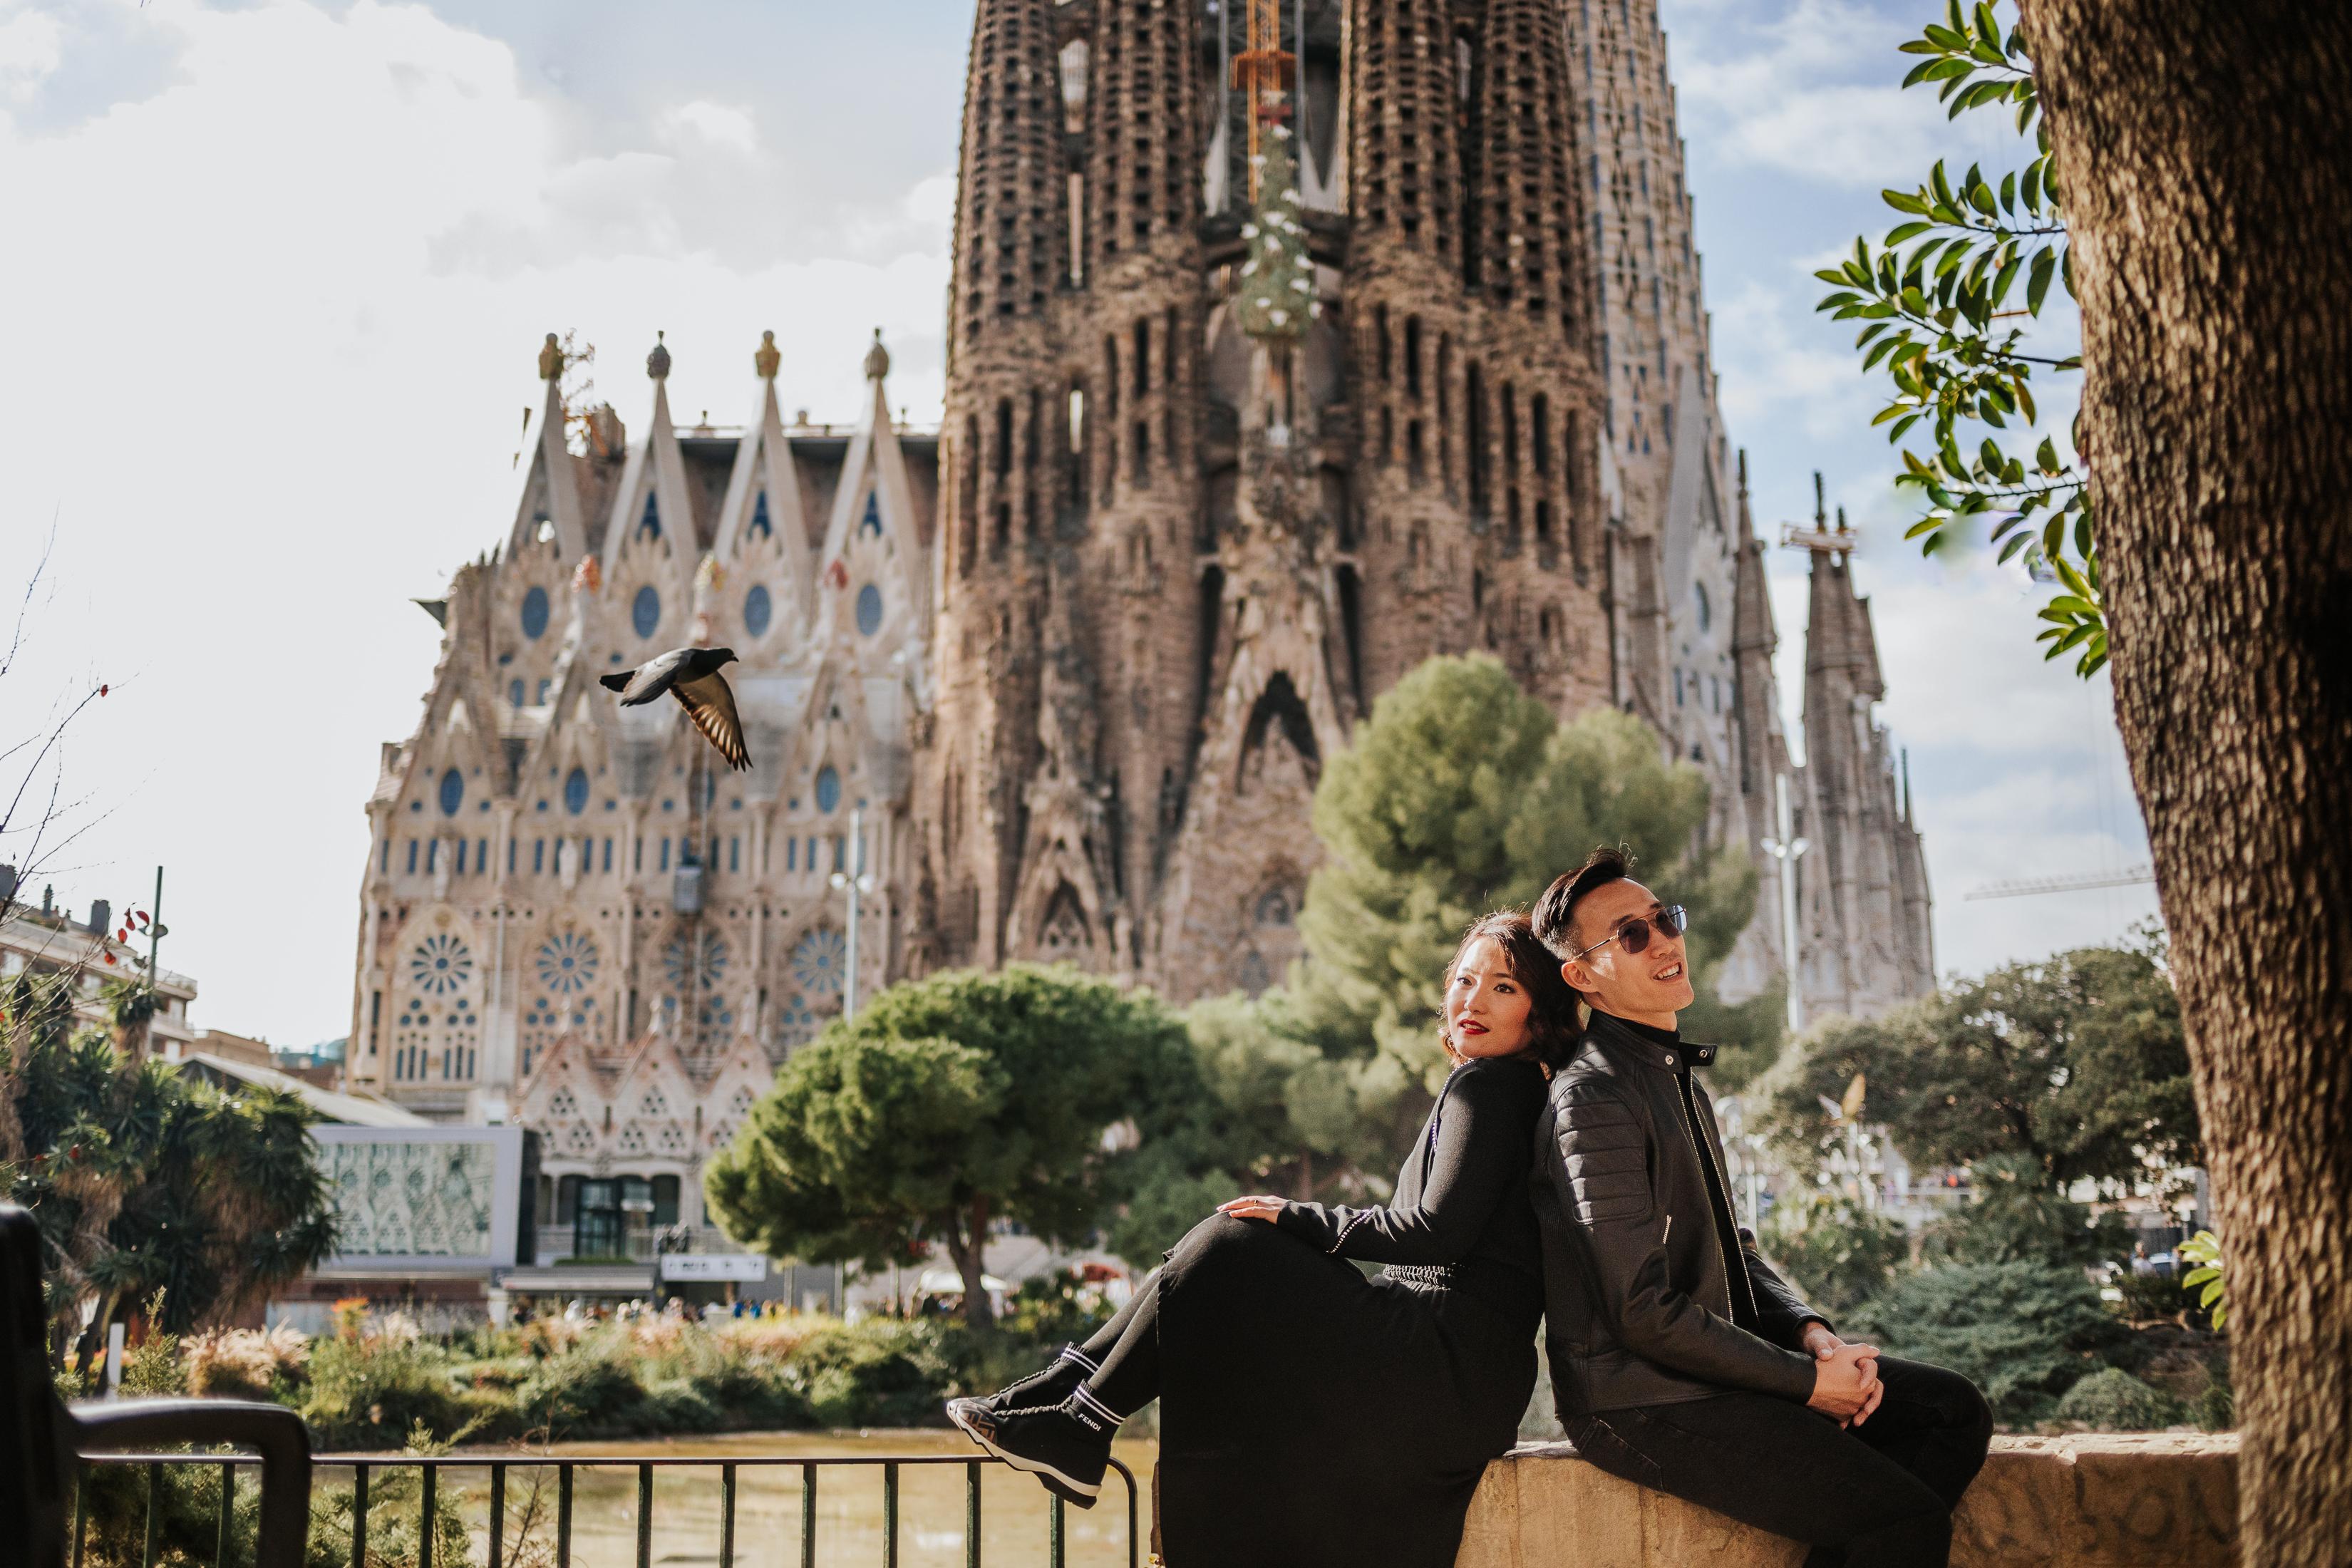 """tourist photographer barcelona. postboda en barcelona. reportaje en la barceloneta. reportaje de pareja china en Barcelona. Reportaje de 10 años de casados. Sesión romántica al amanecer.. Fotógrafo de boda en Barcelona. Reportaje familiar. Reportaje para extrangeros. Rutas turísticas con sesión fotográfica. Sesión de fotos para extrangeros en Barcelona"""" width=""""3300"""" height="""